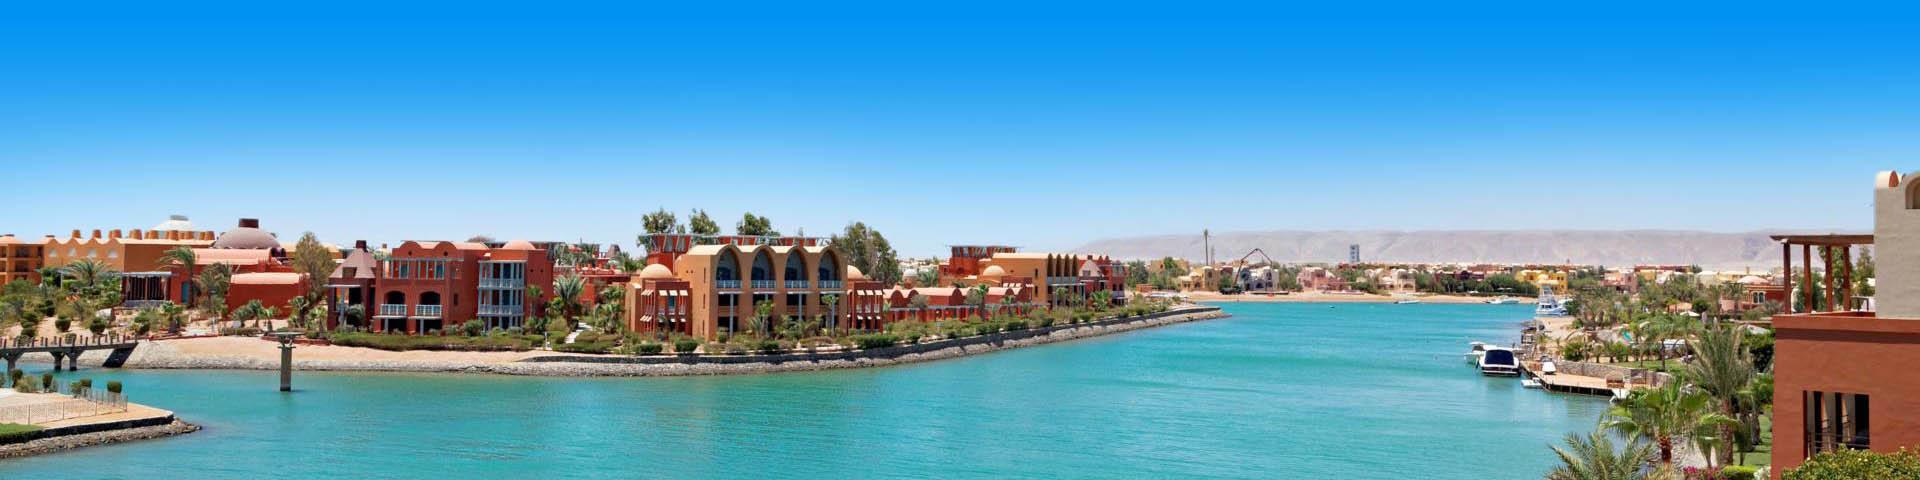 Uitzicht op de blauwe zee en hotels in El Gouna